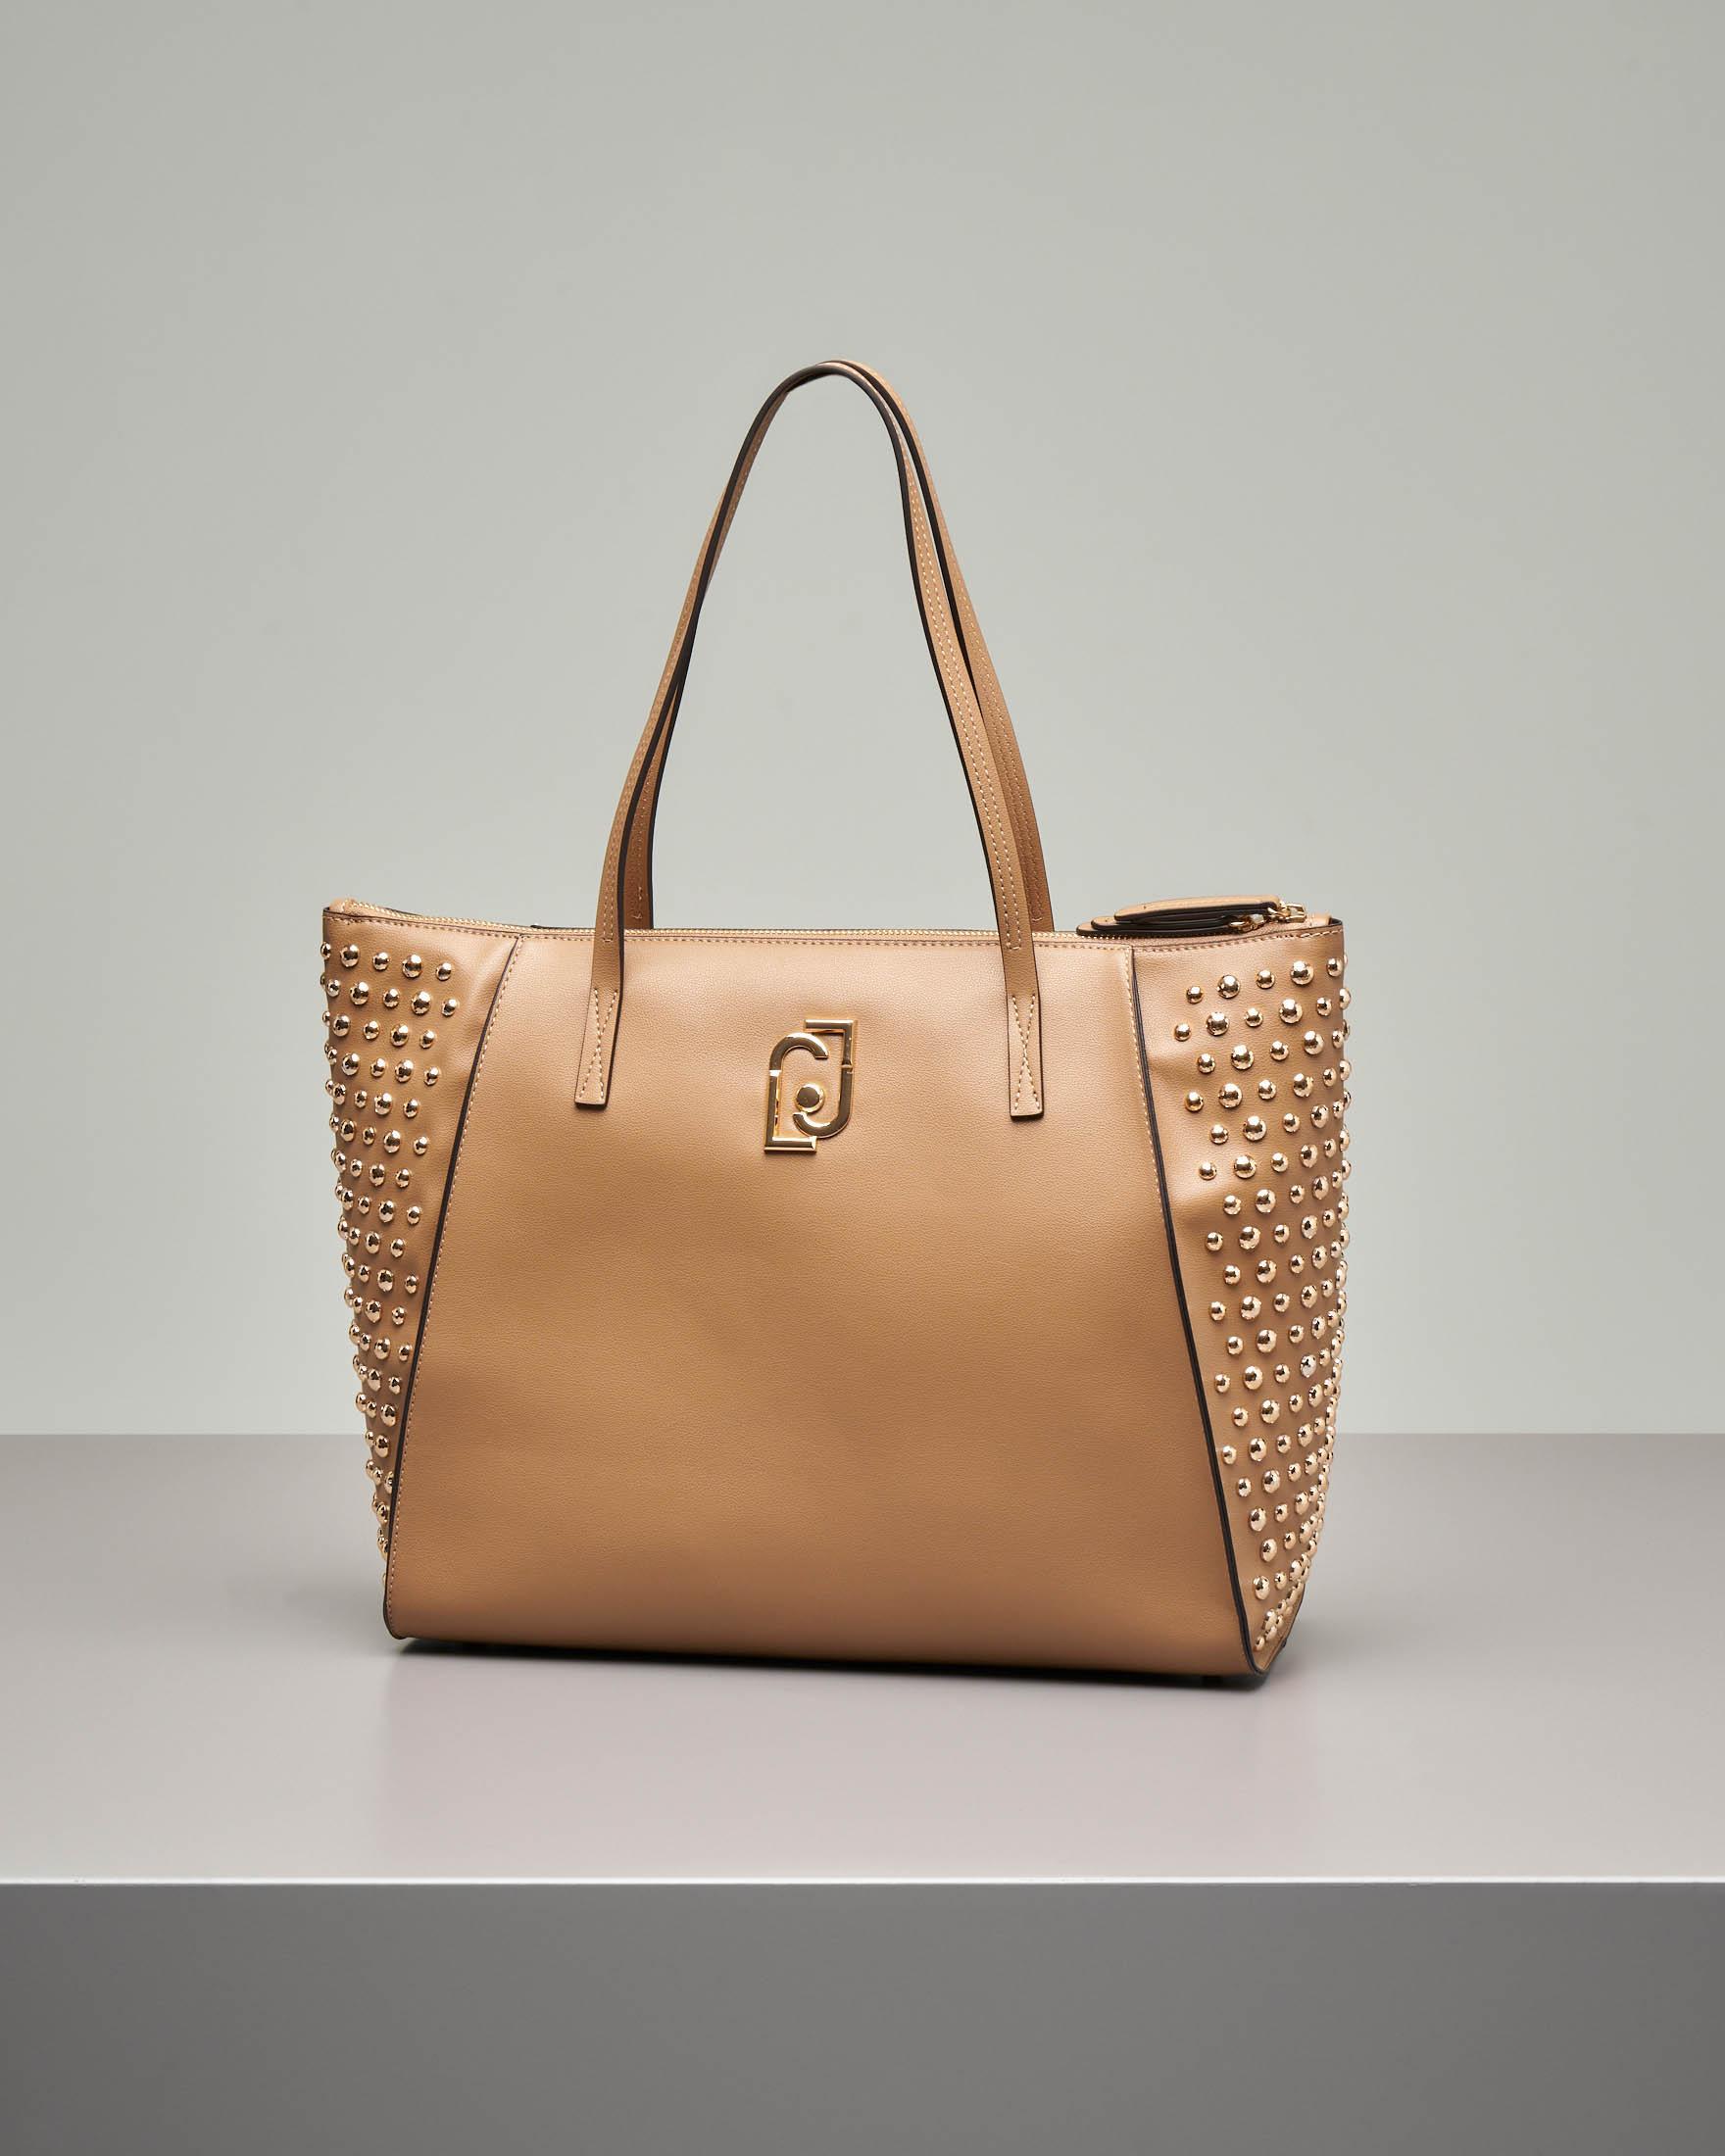 Shopping bag cammello misura grande in ecopelle effetto liscio con borchie tonde argento applicate sui lati